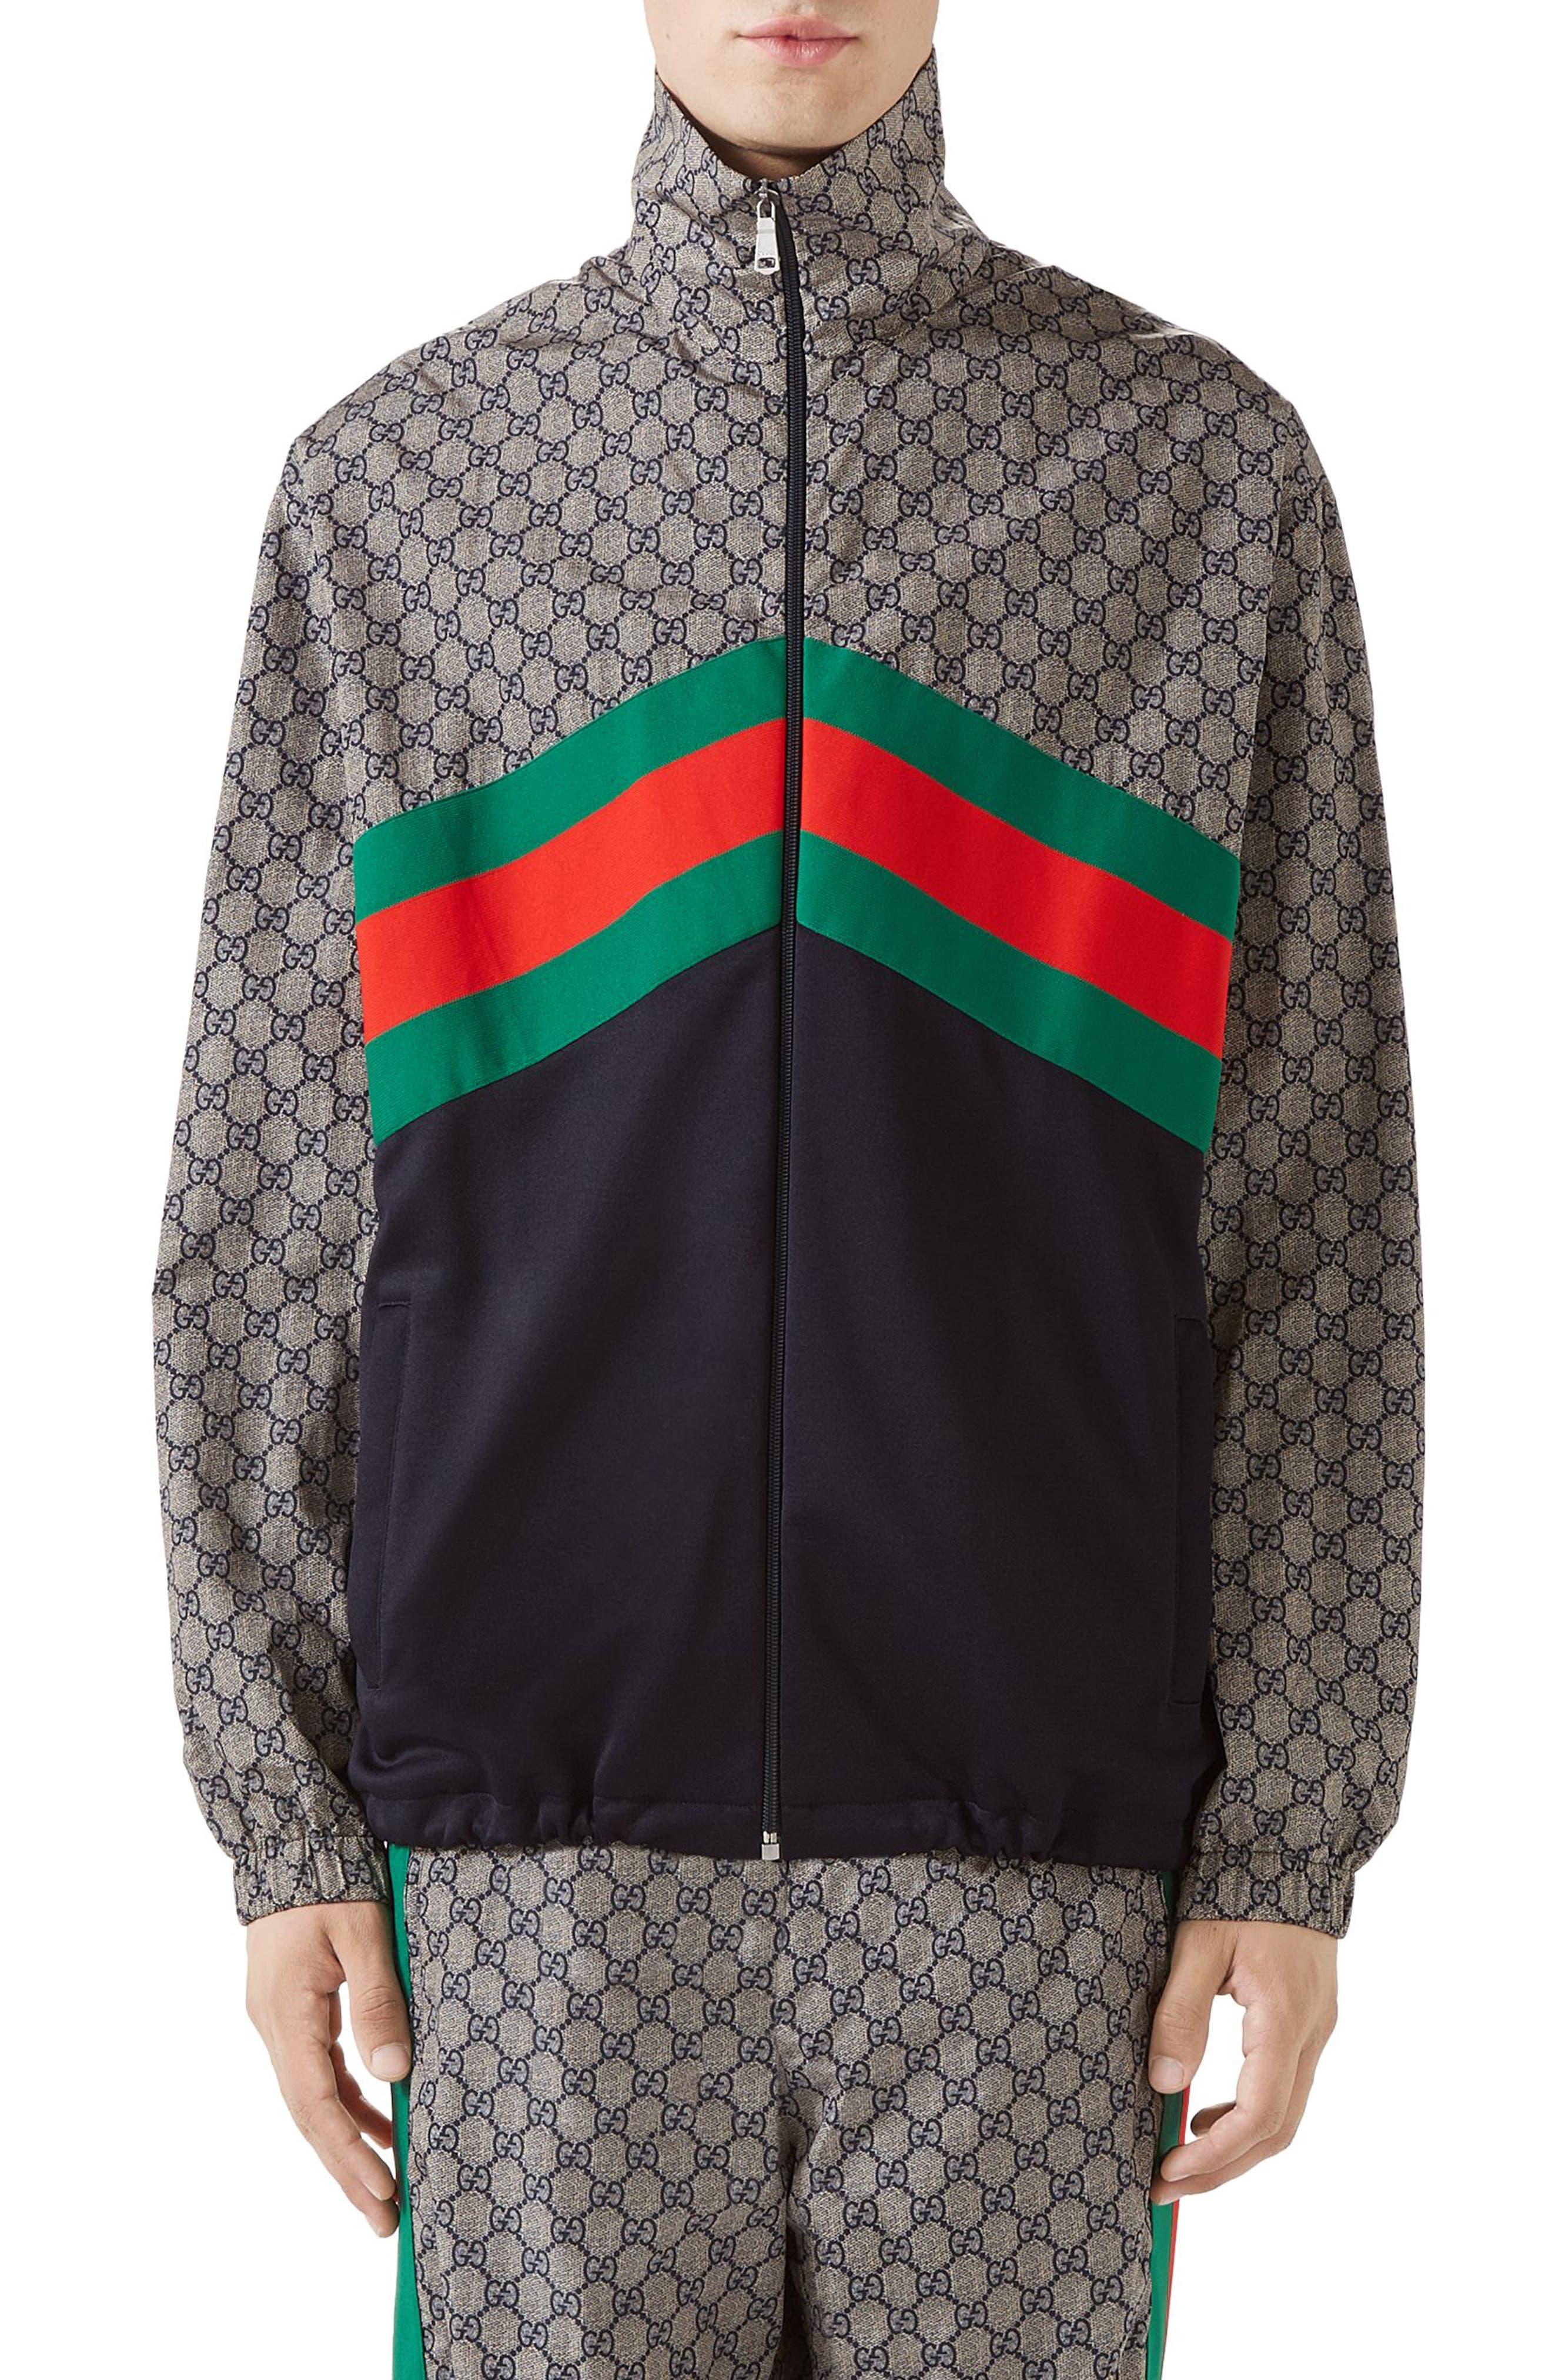 GUCCI,                             GG Track Jacket,                             Main thumbnail 1, color,                             400